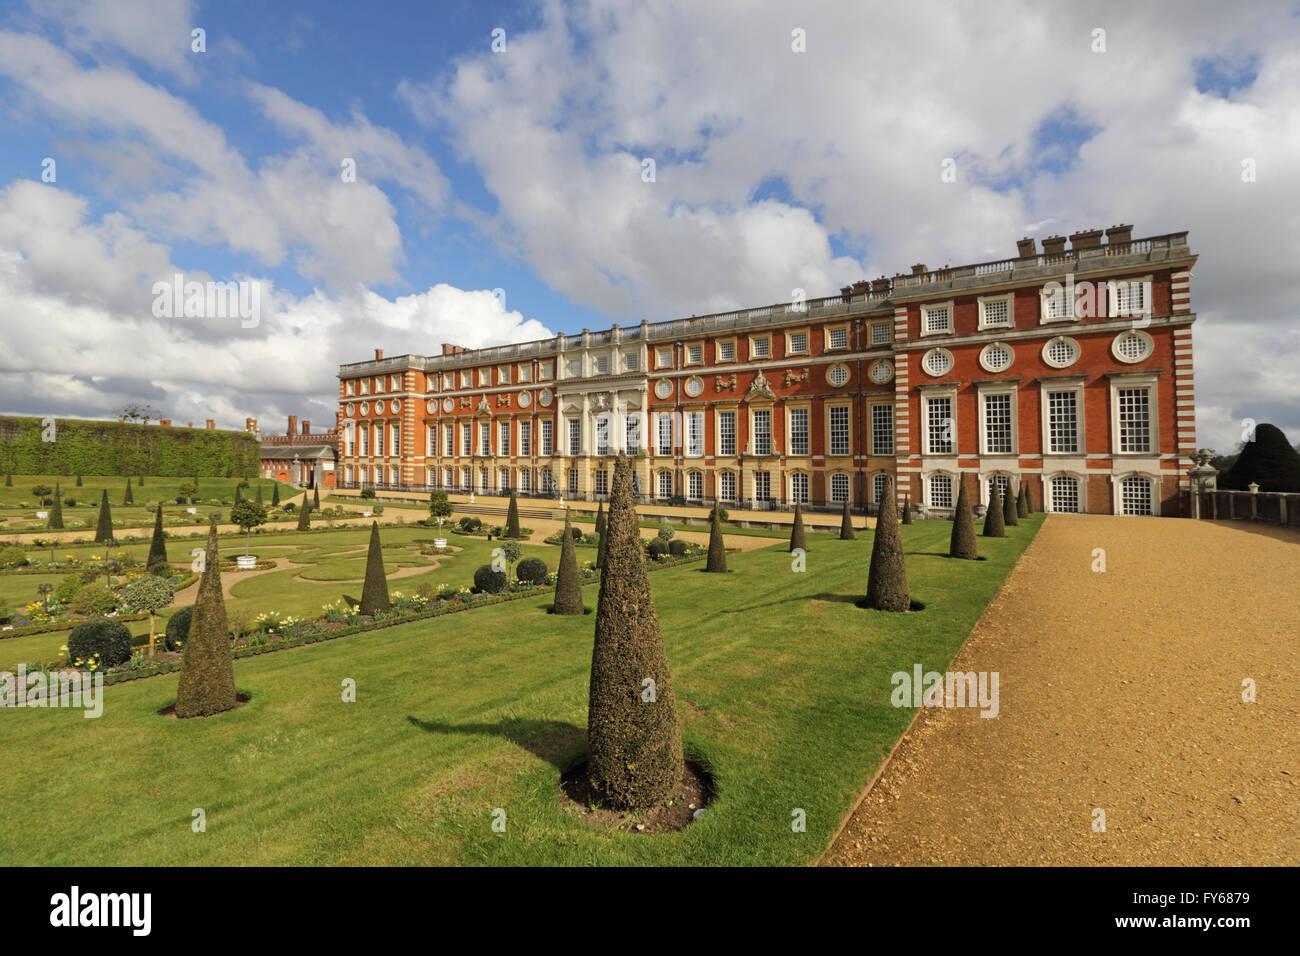 Palacio de Hampton Court, Londres, Reino Unido. 23 de abril de 2016. El bonito jardín privado y la fachada Imagen De Stock